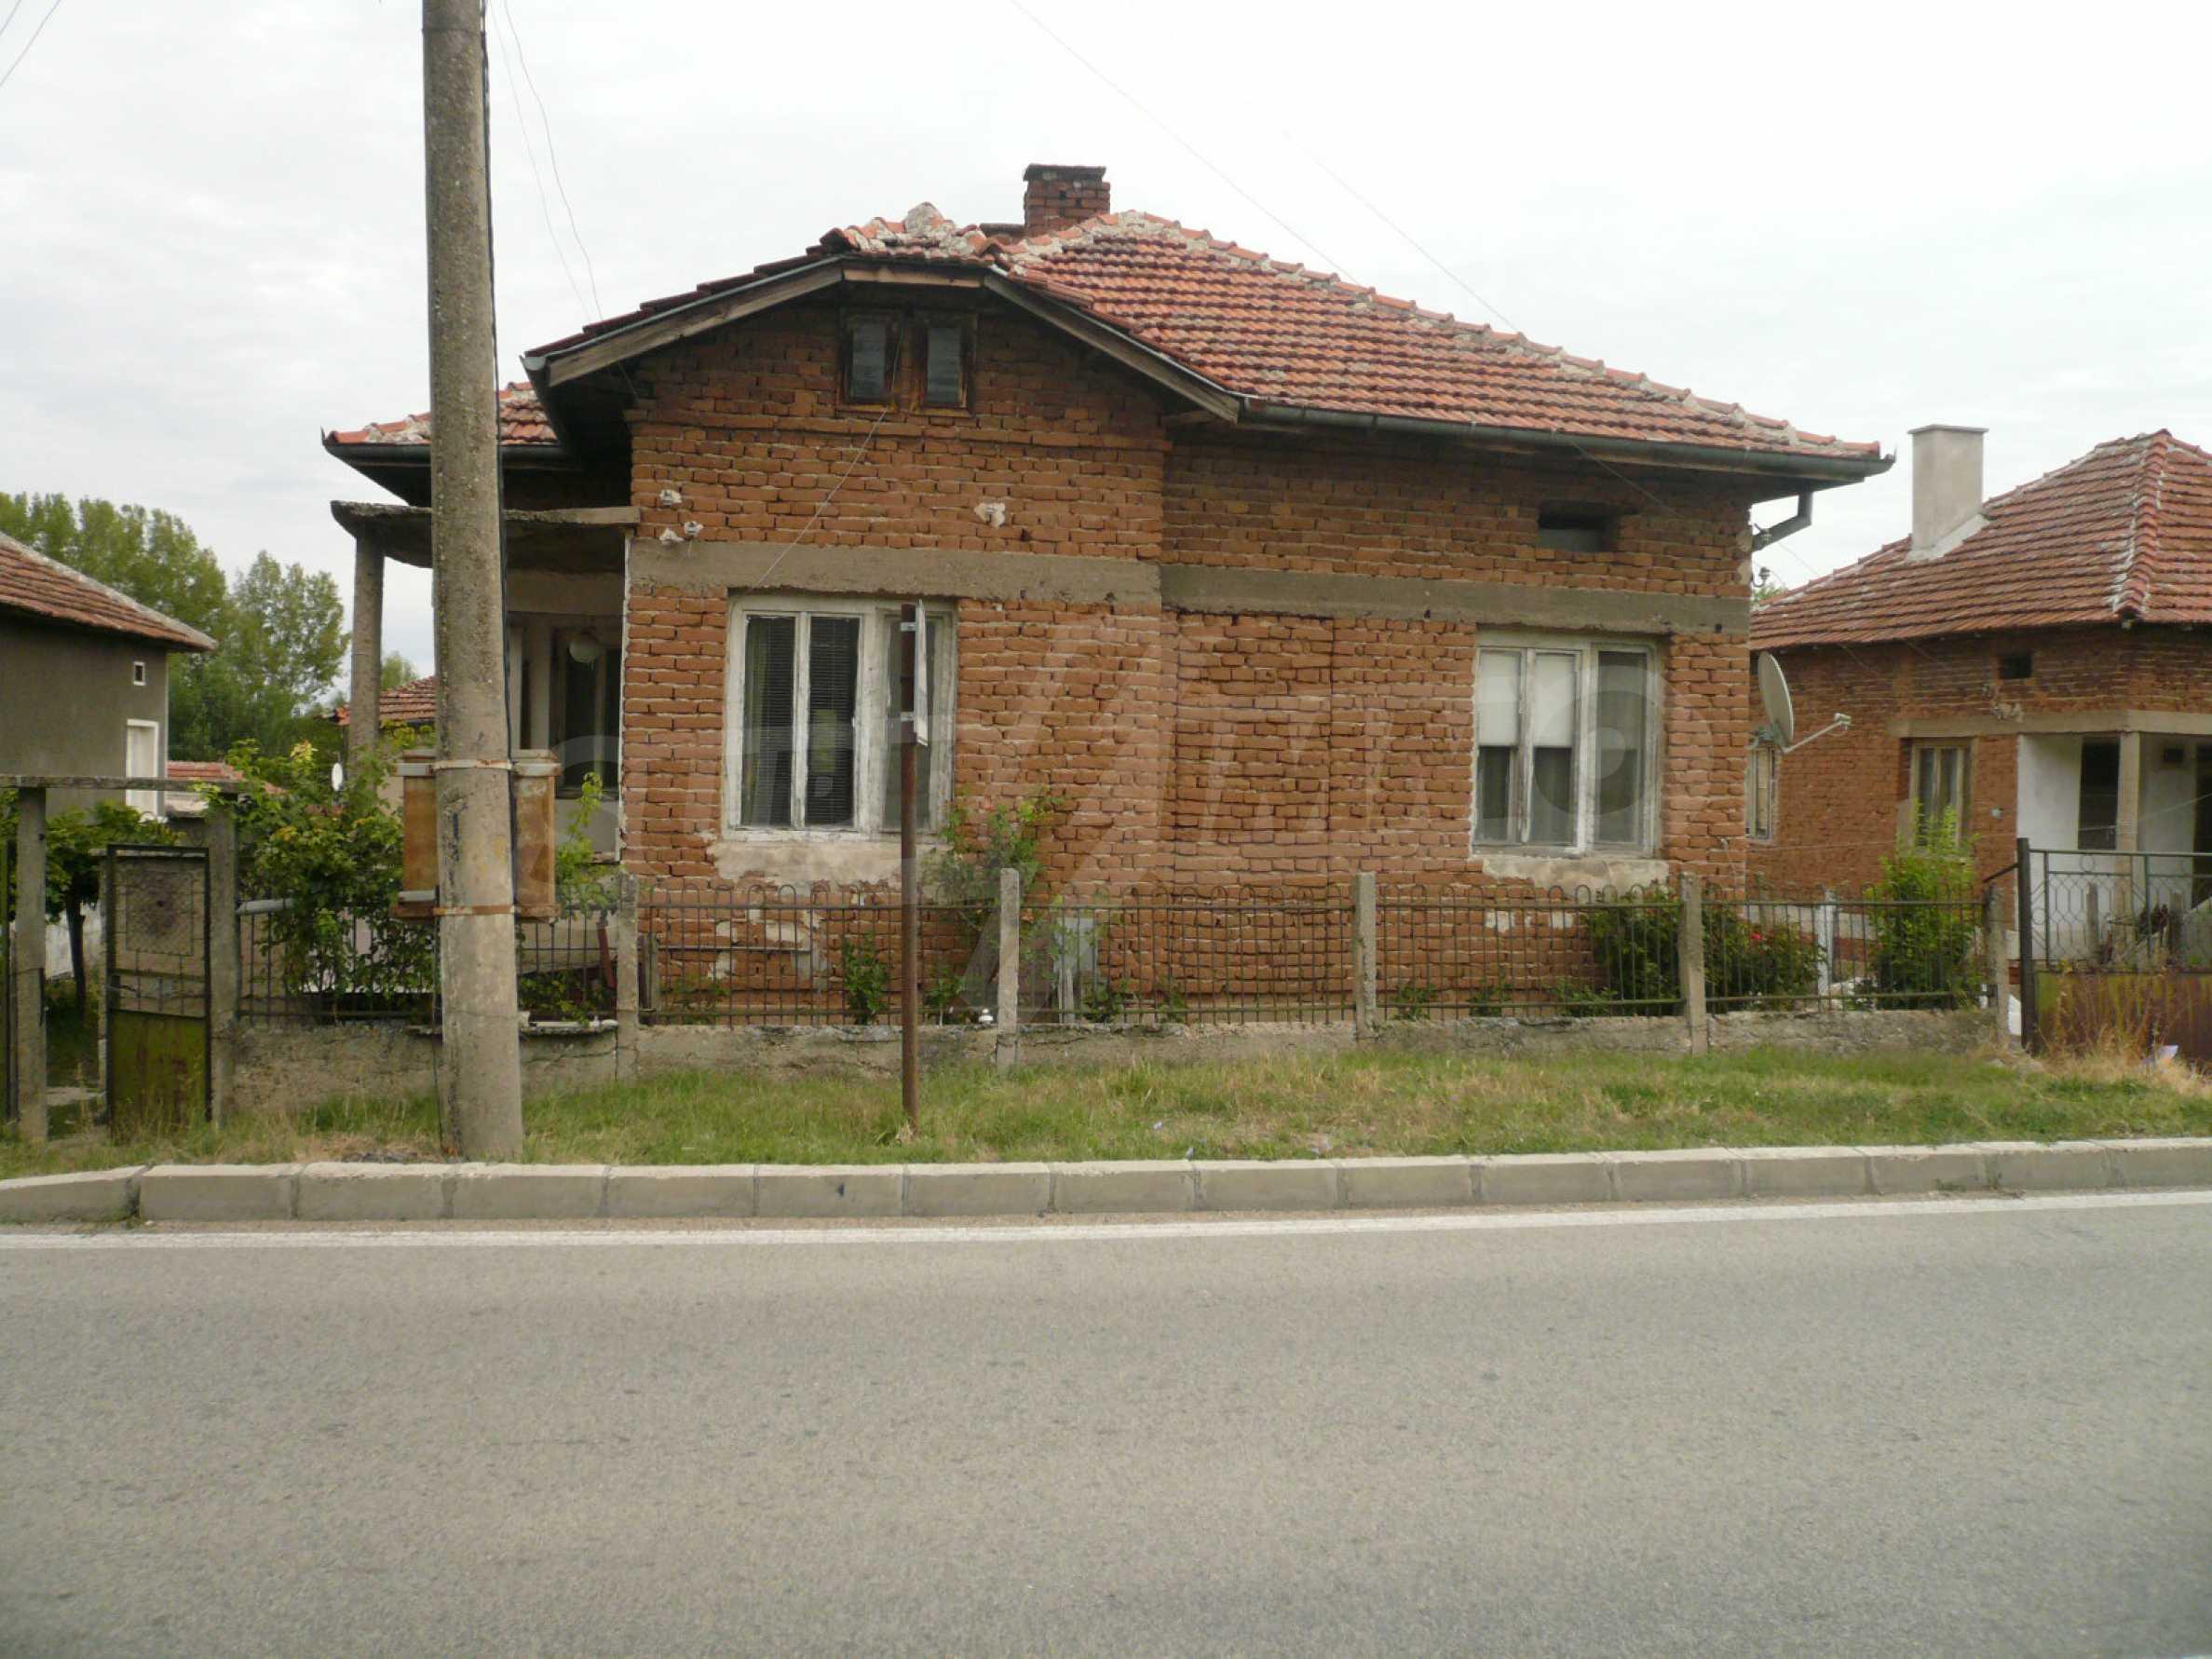 Einfamilienhaus mit Hof in der Nähe der Donau 1